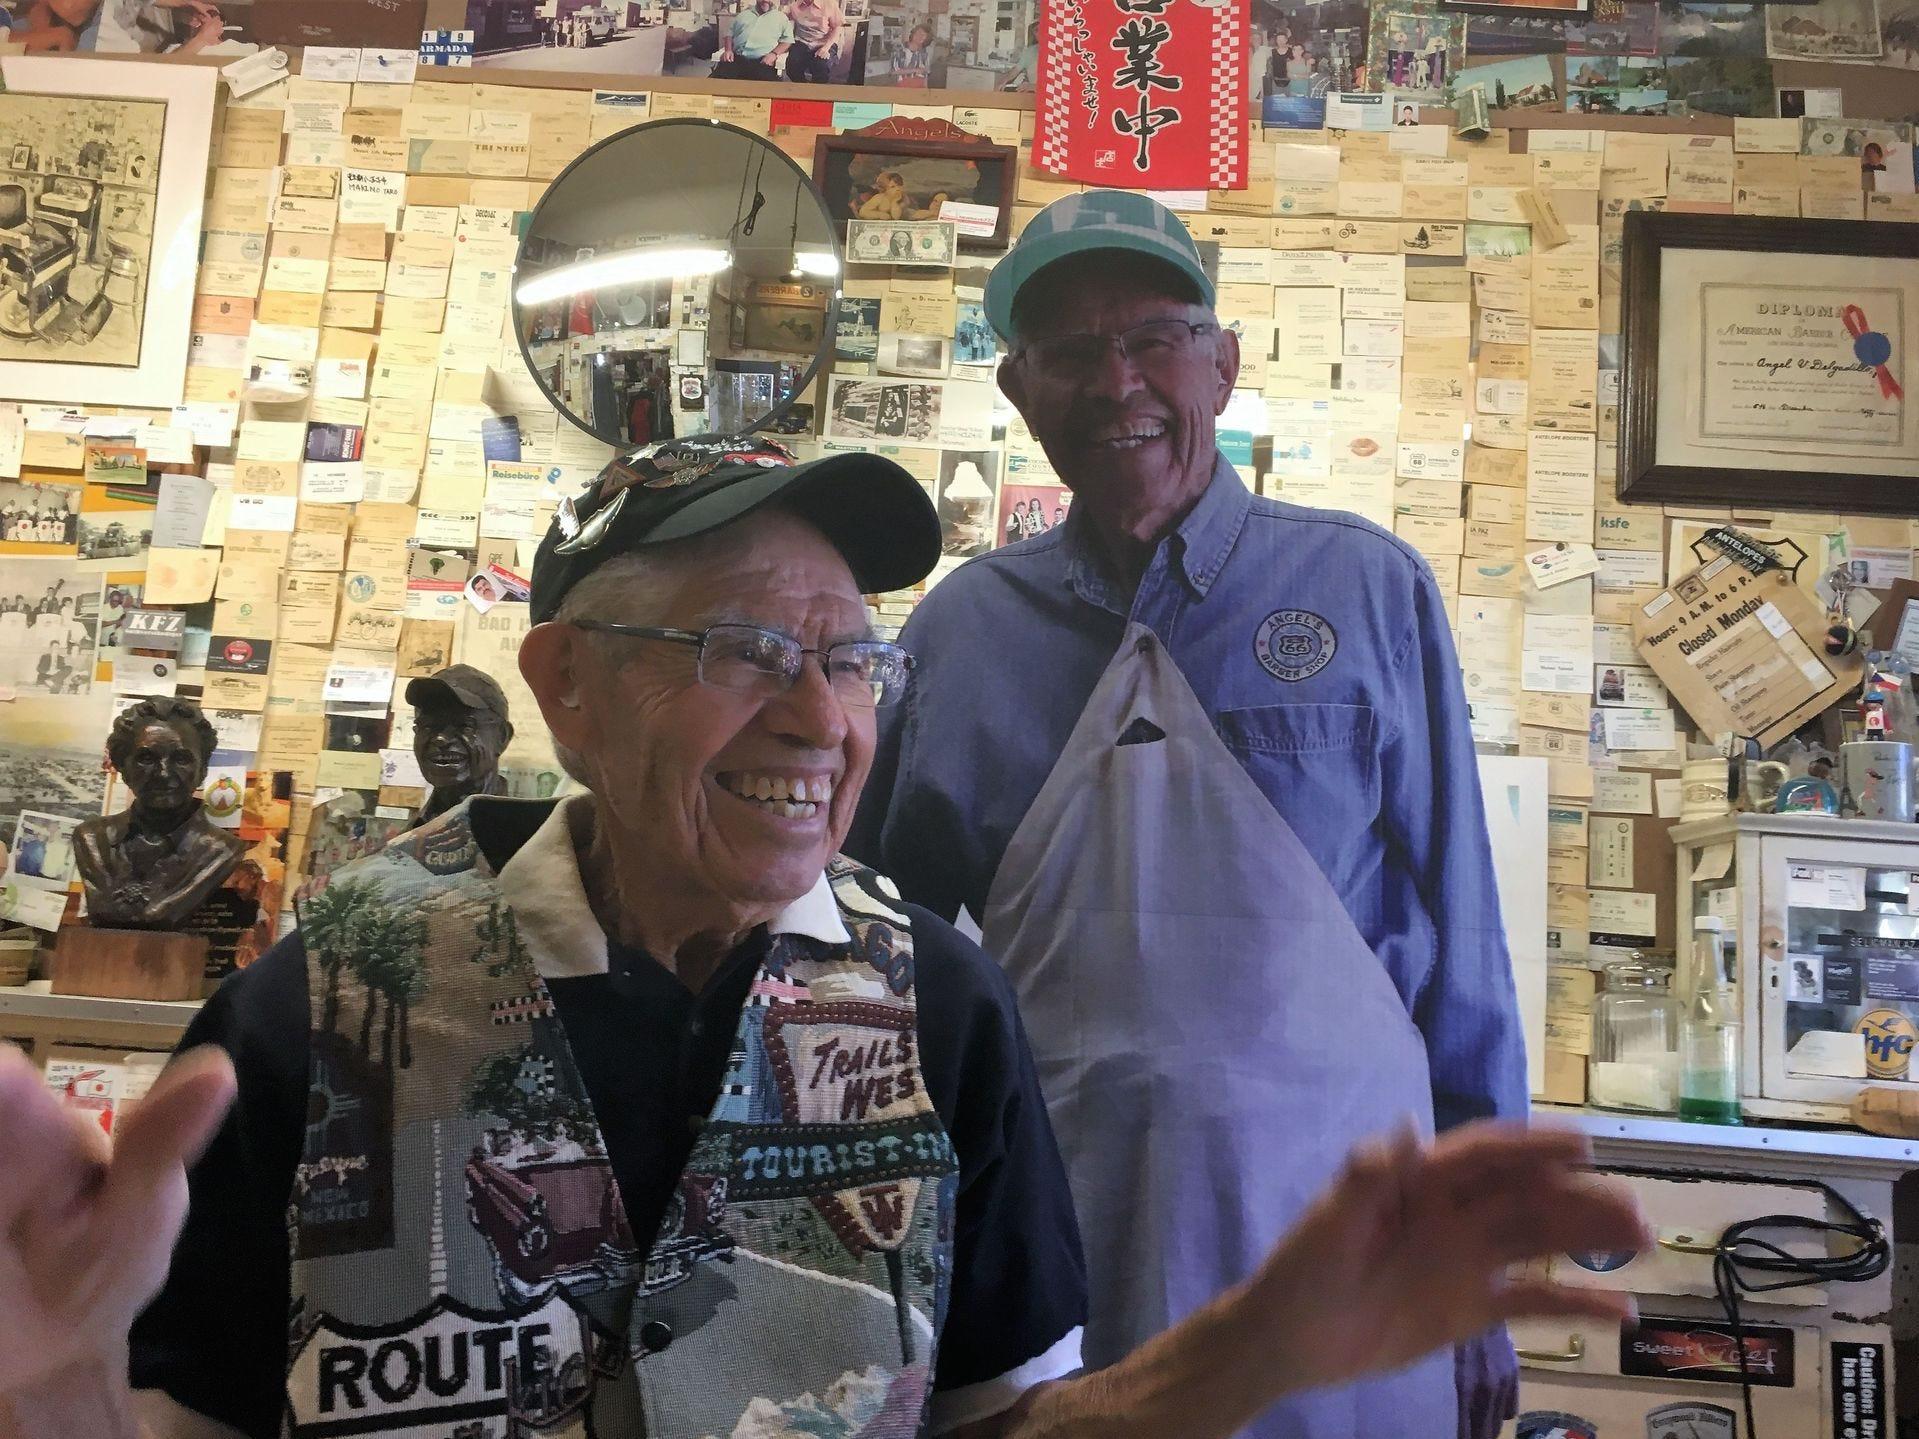 Angel Delgadillo se vuelve mucho más animado que su recorte de cartón cuando habla de la remontada de la Ruta 66.